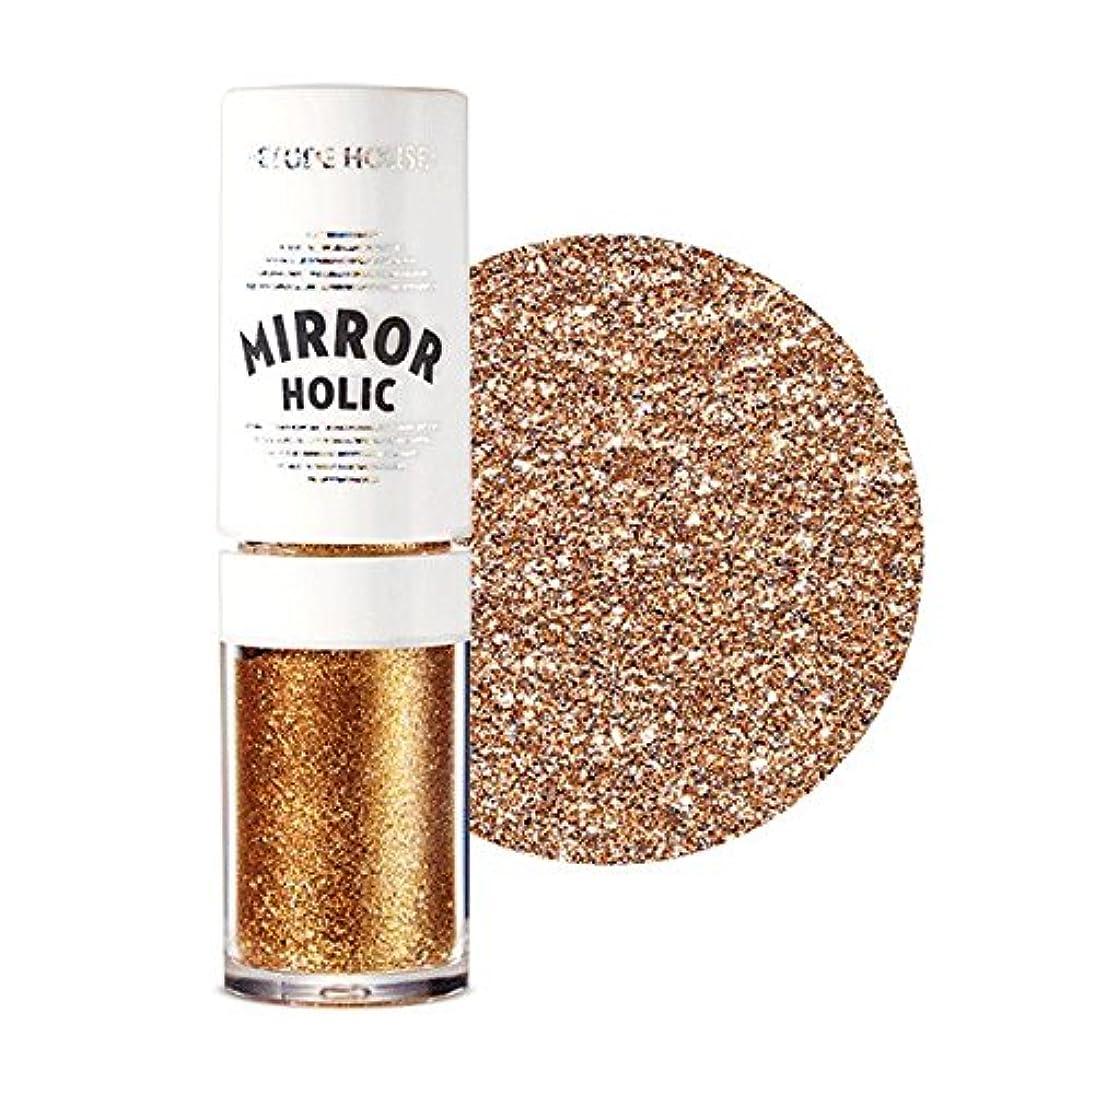 規定苦行スキルETUDE HOUSE Mirror Holic Liquid Eyes / エチュードハウス ミラーホリックリキッドアイズ ミラーホリックリキッドアイズ (BE102) [並行輸入品]